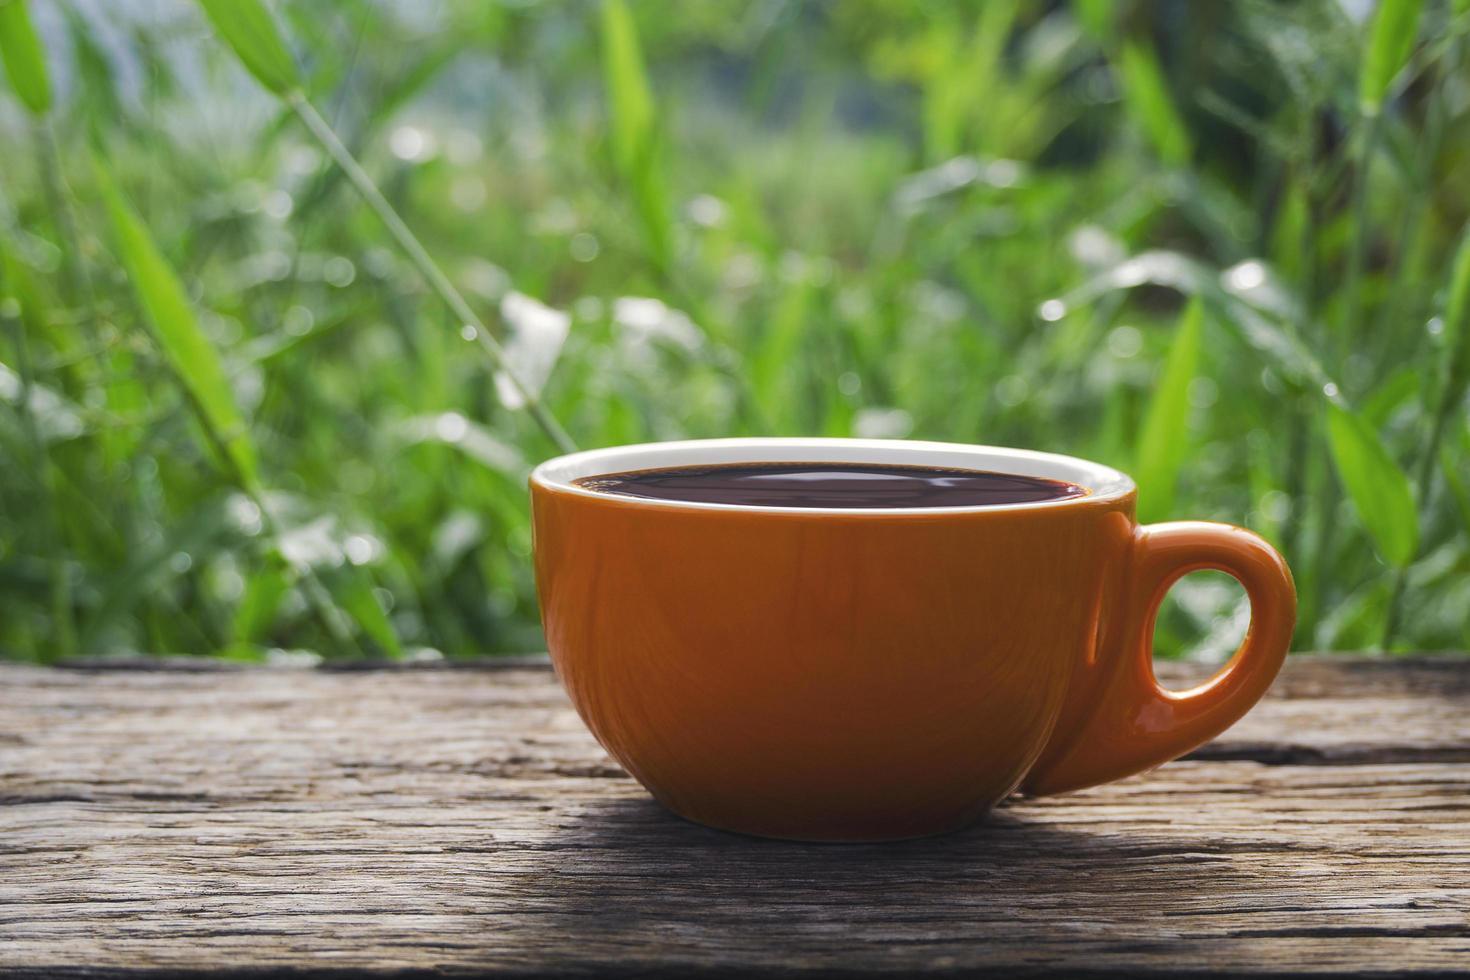 orange Tasse Kaffee auf dem Tisch draußen foto